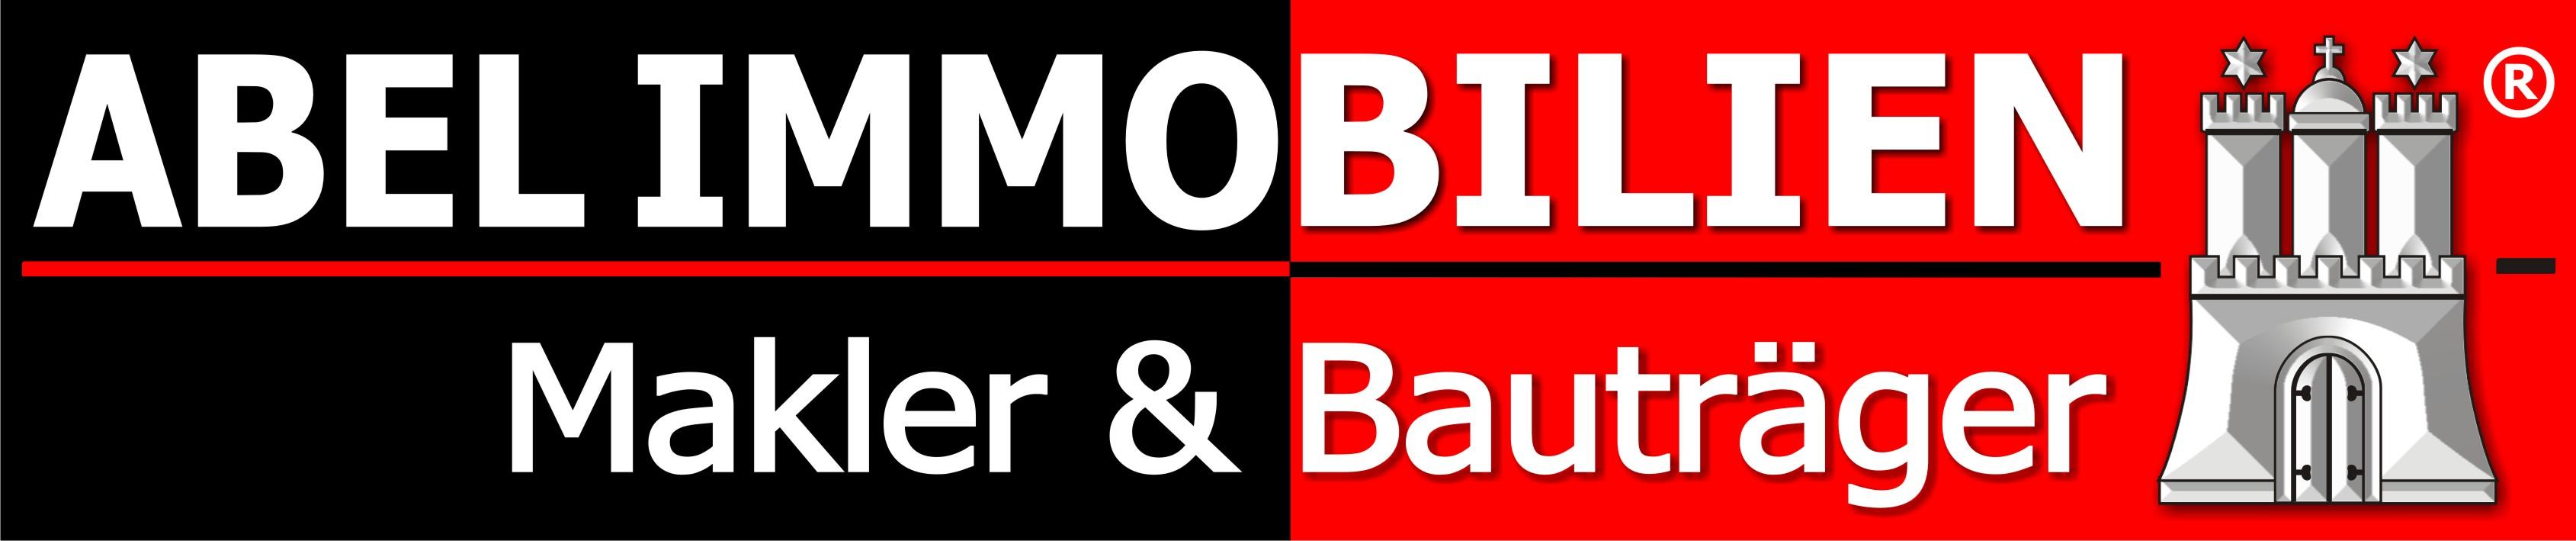 Hier sehen Sie das Logo von ABEL IMMOBILIEN e.K.